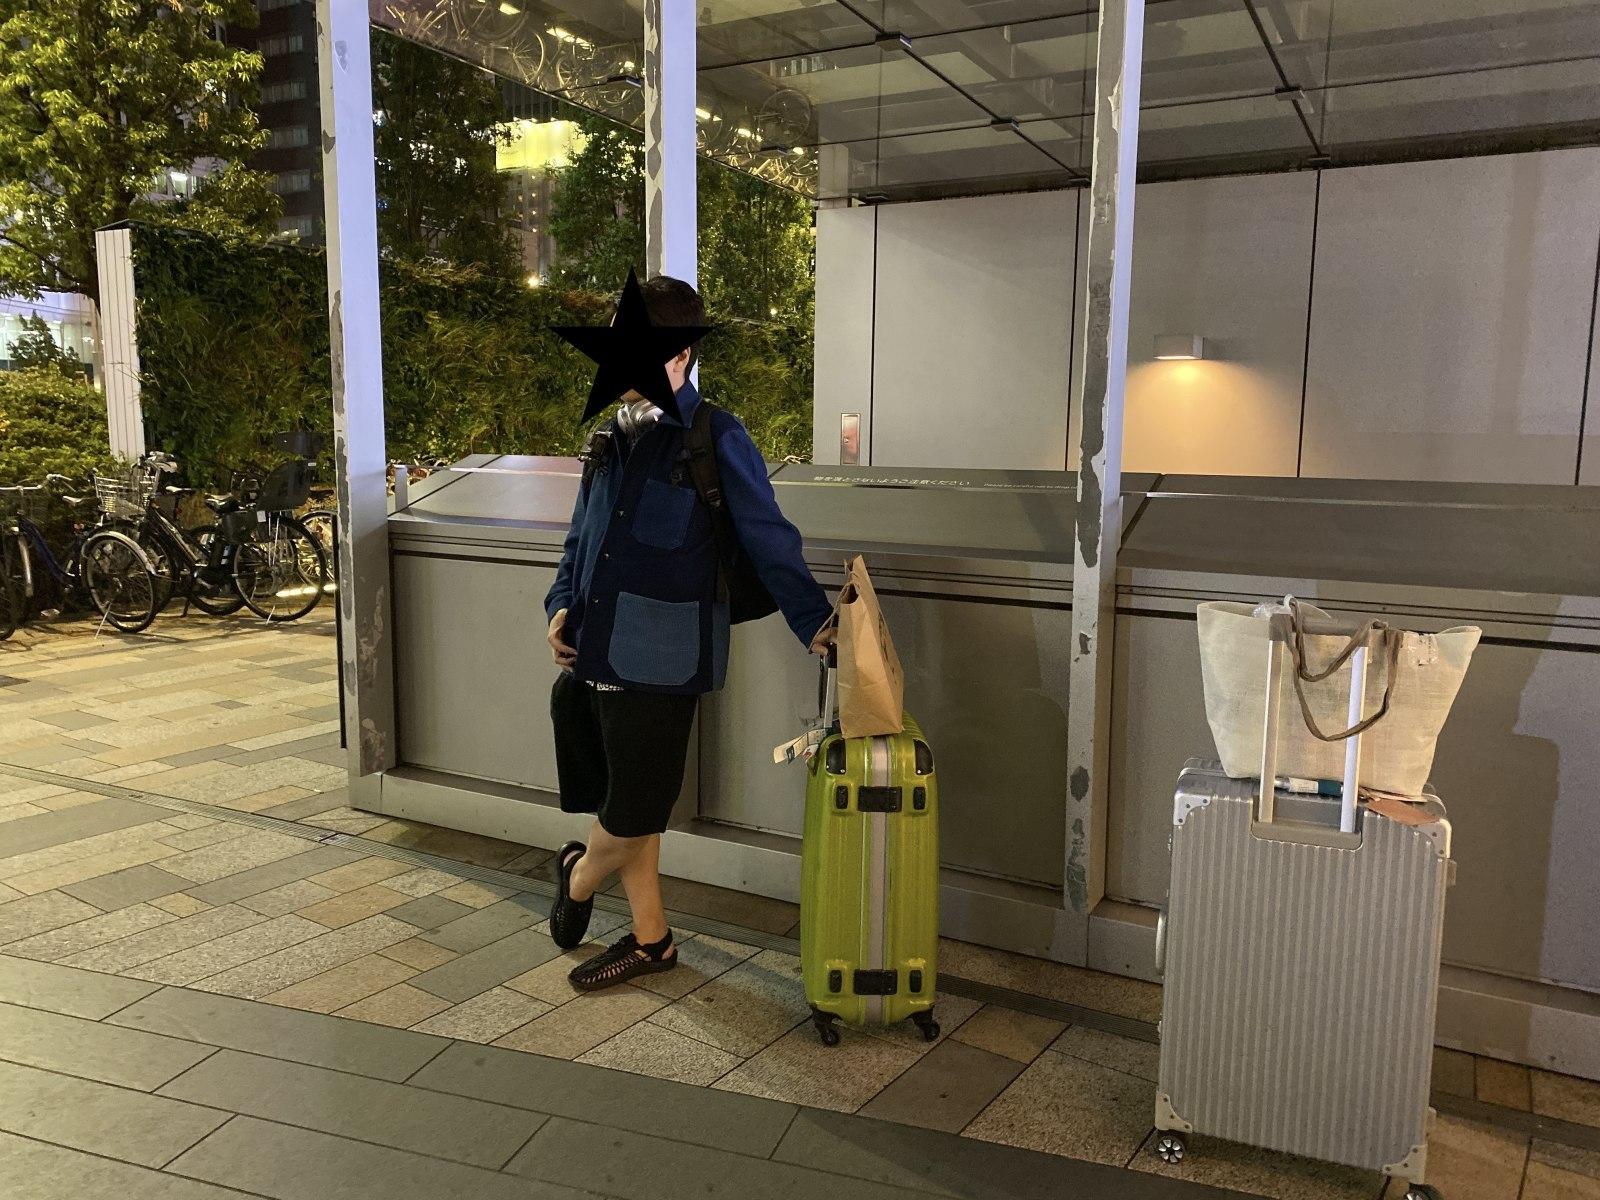 ハワイ旅行7 〜最終日〜 帰るだけ。成田で買い物。ハワイ旅行で思ったこと。Insta360Go動画。_b0024832_14243397.jpg